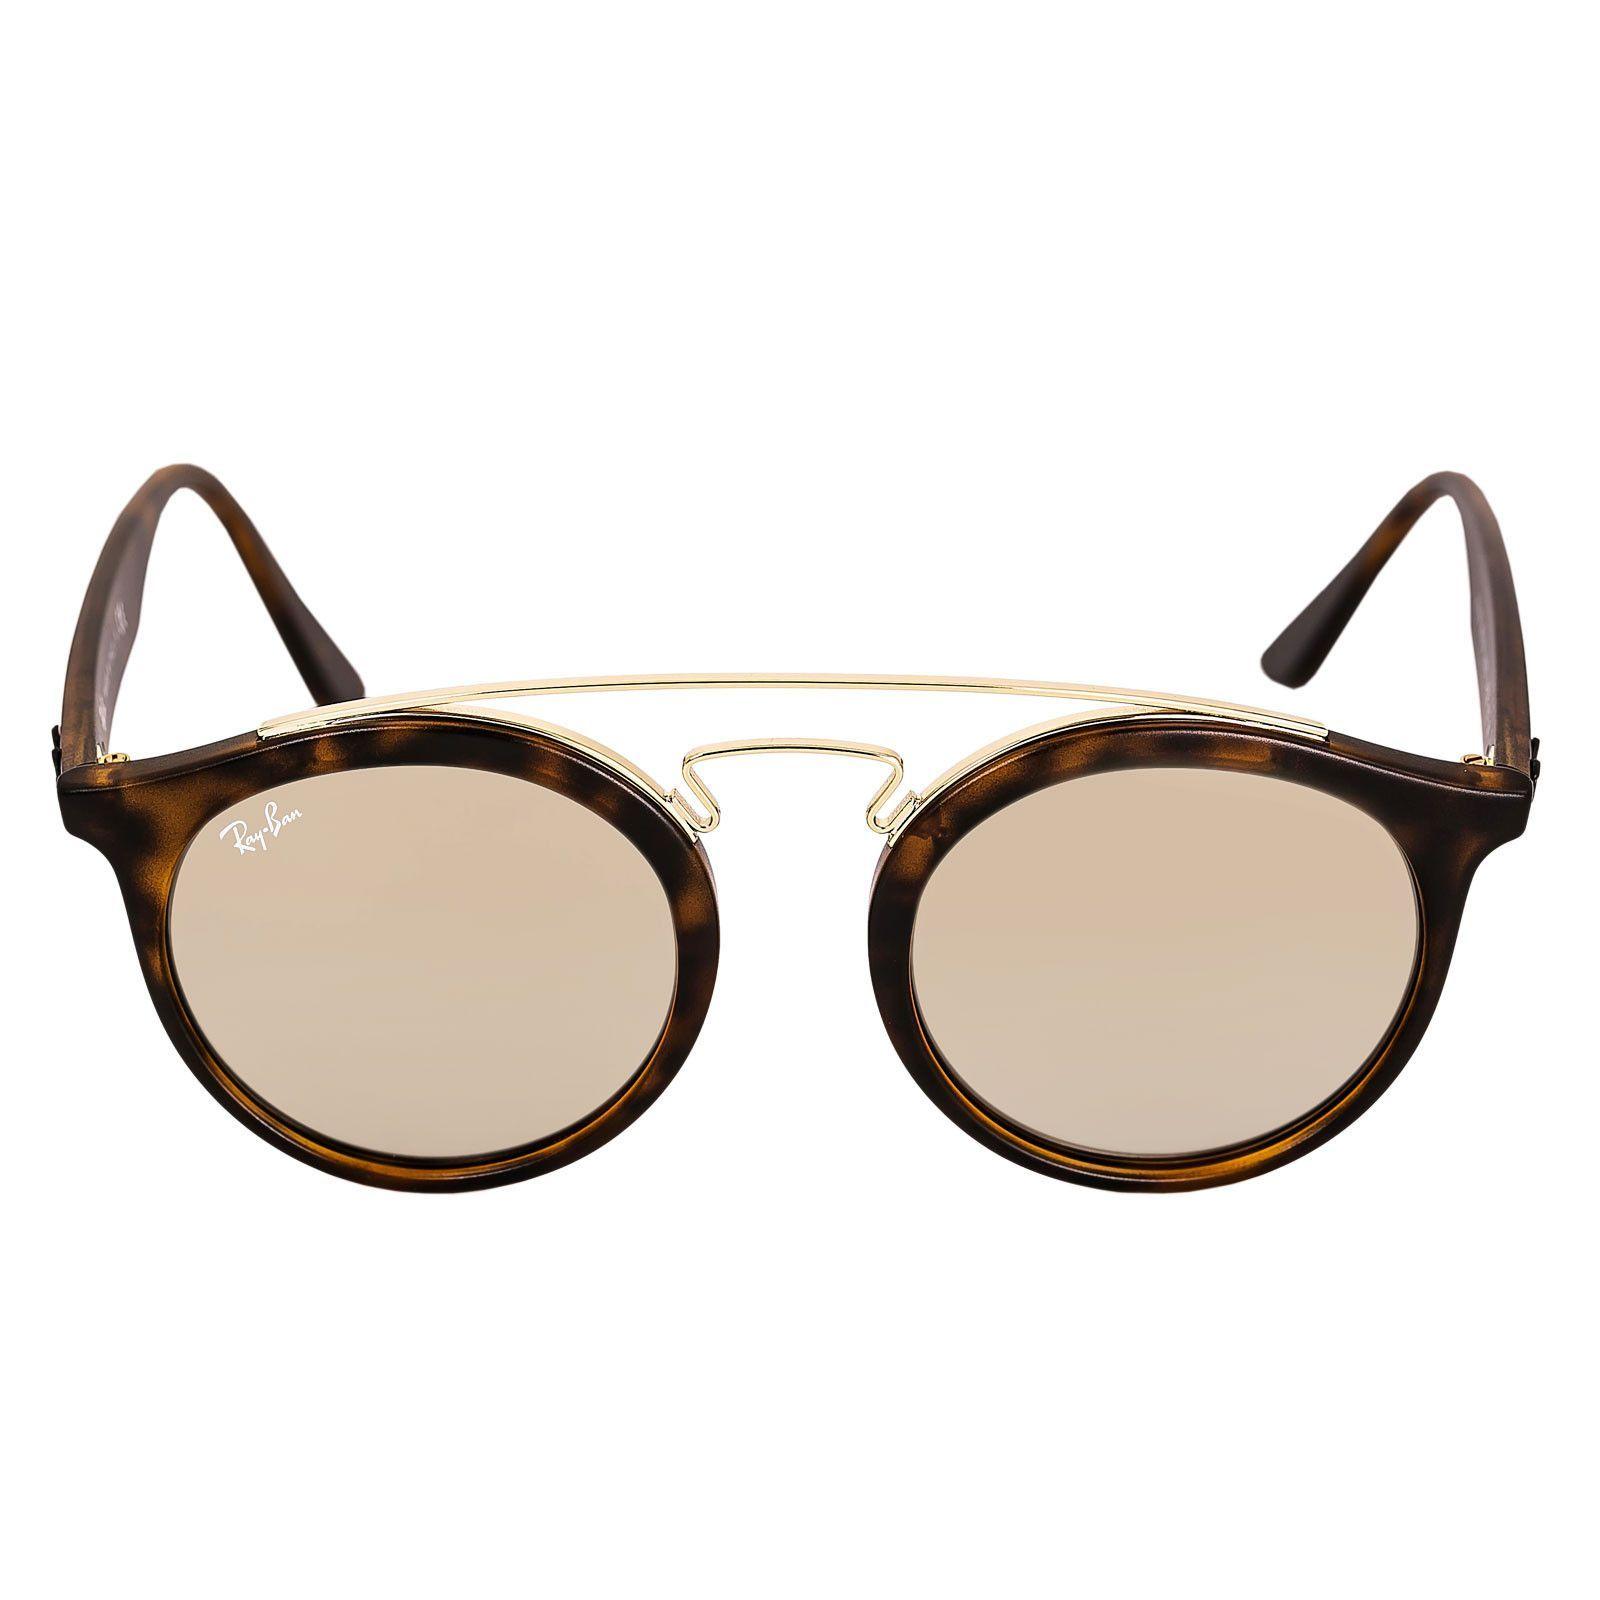 b103ff5c8c Ray-Ban RB 4256 60925A 49 Women s Gatsby I Gold Mirror Lenses Tortoise  Propionate   Gold Metal Frame Sunglasses